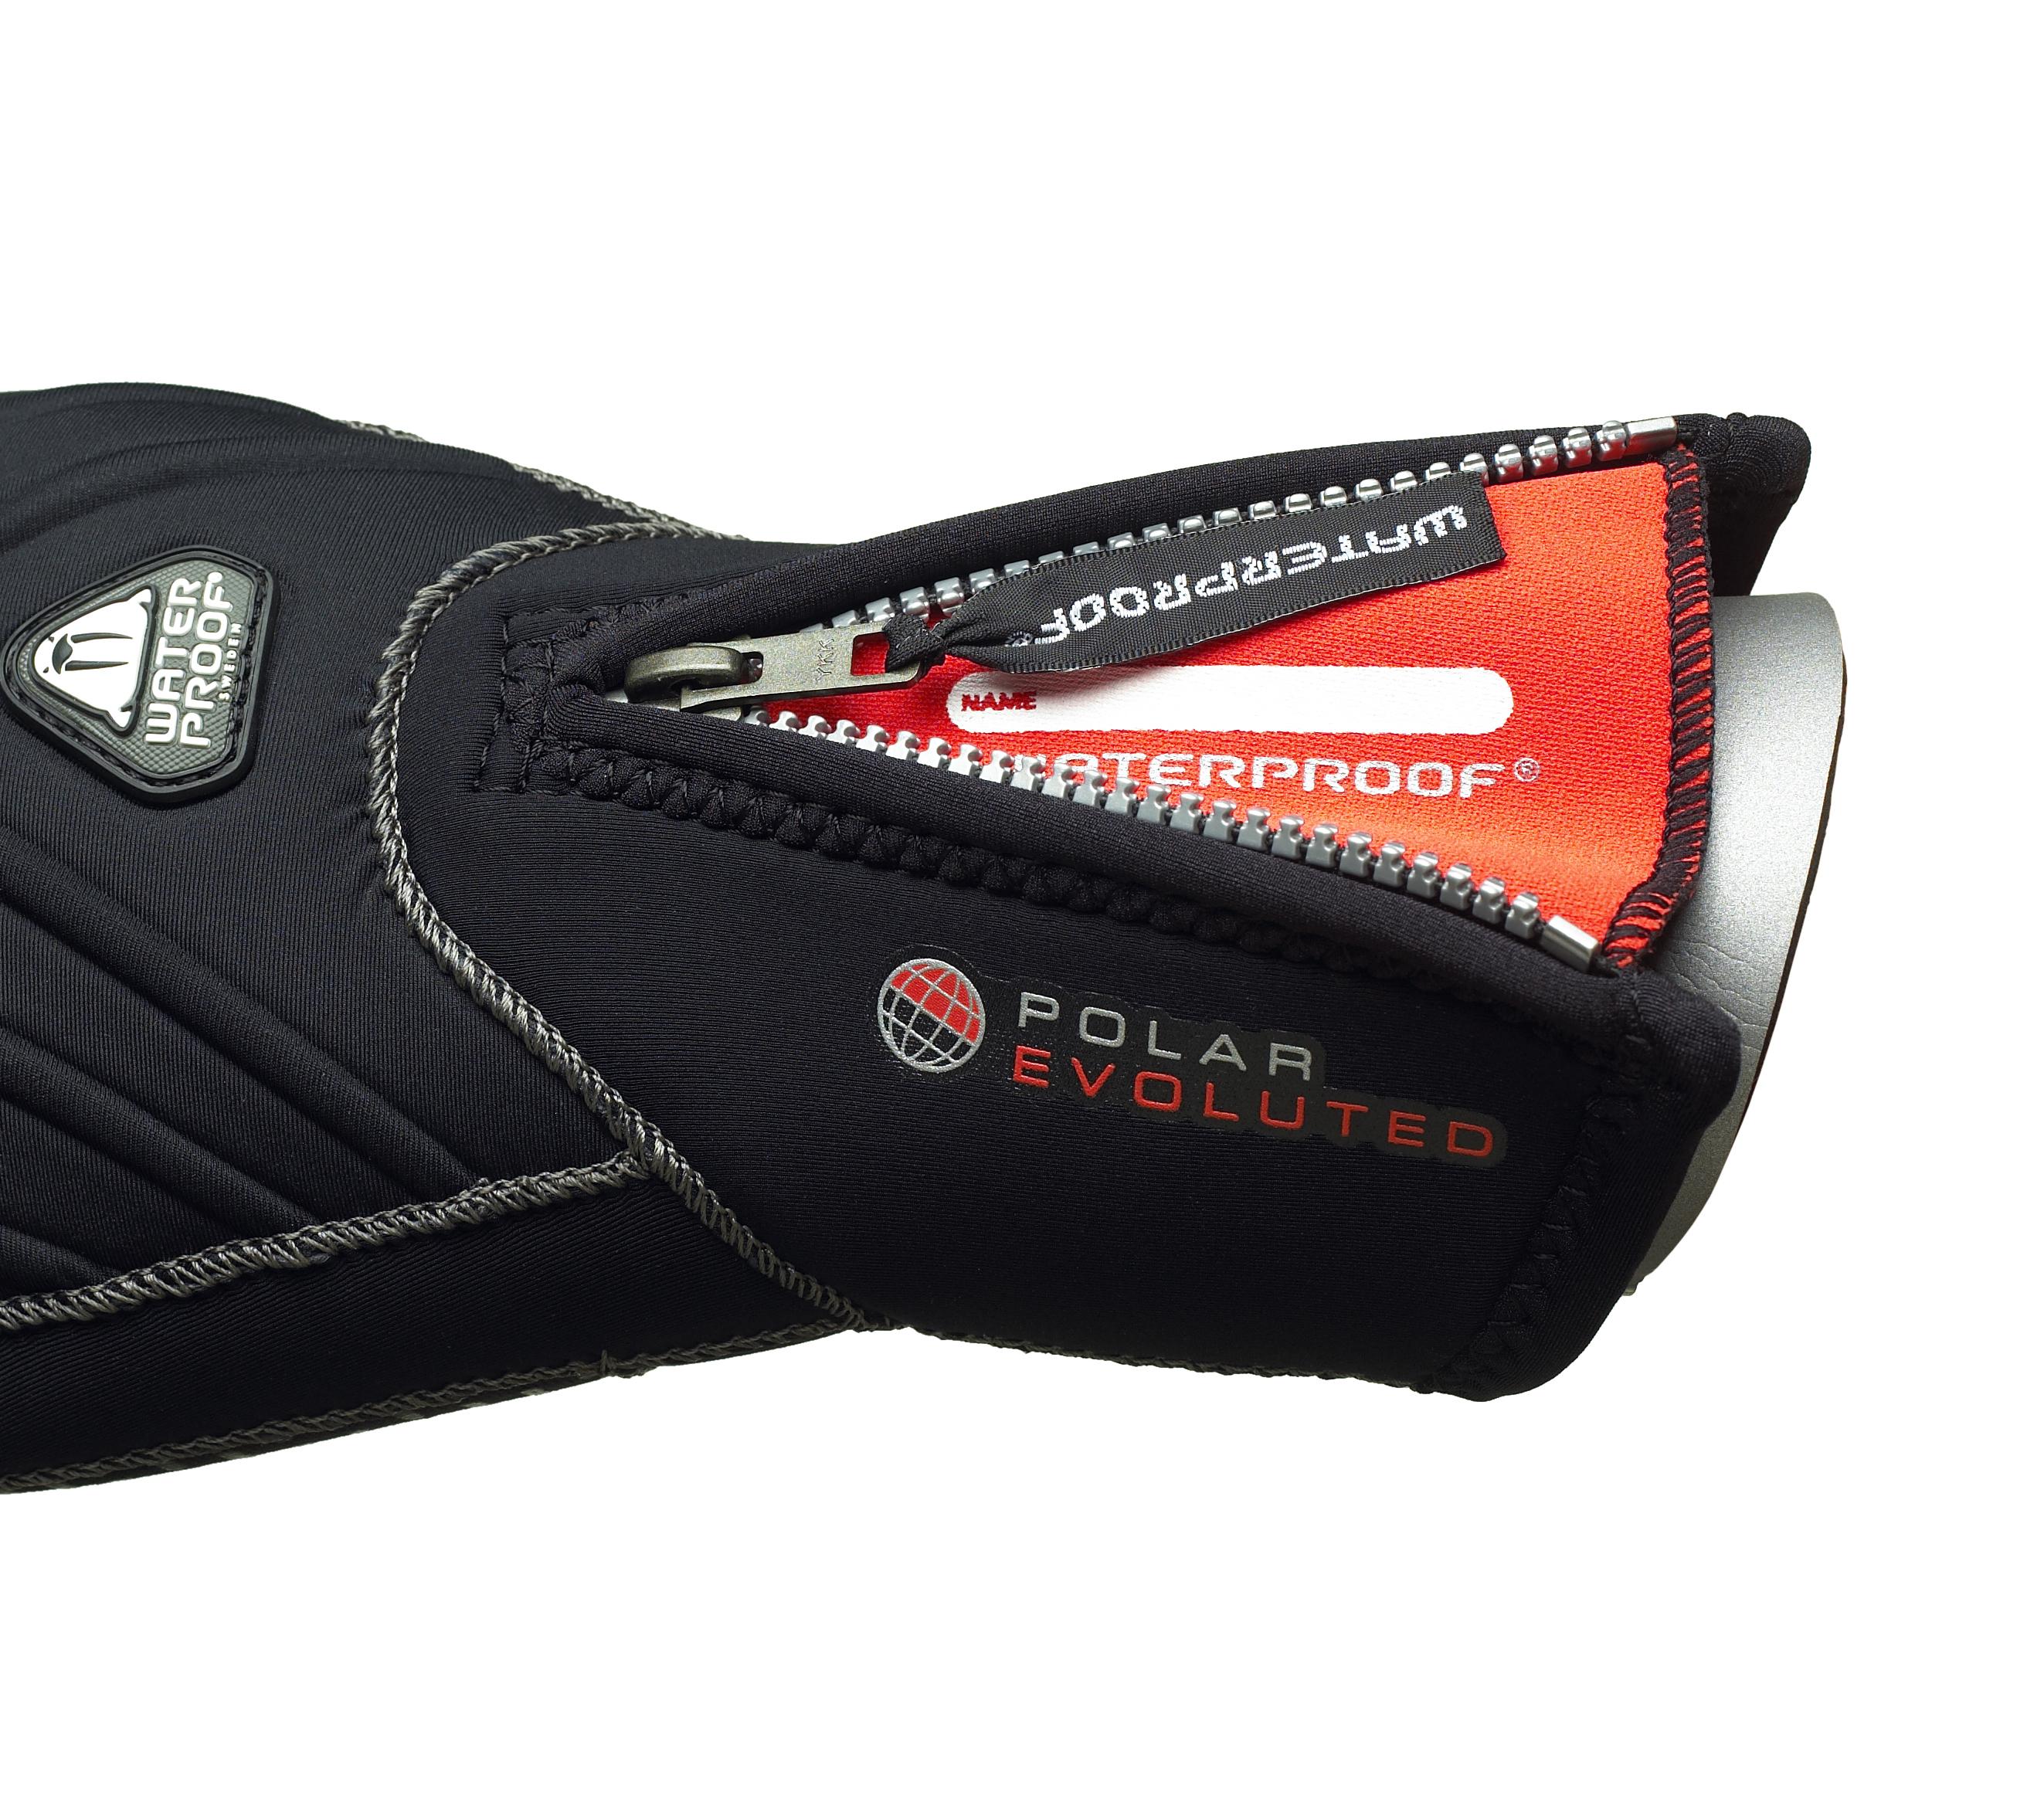 Waterproof G1 7MM 3-FINGER SEMIDRY